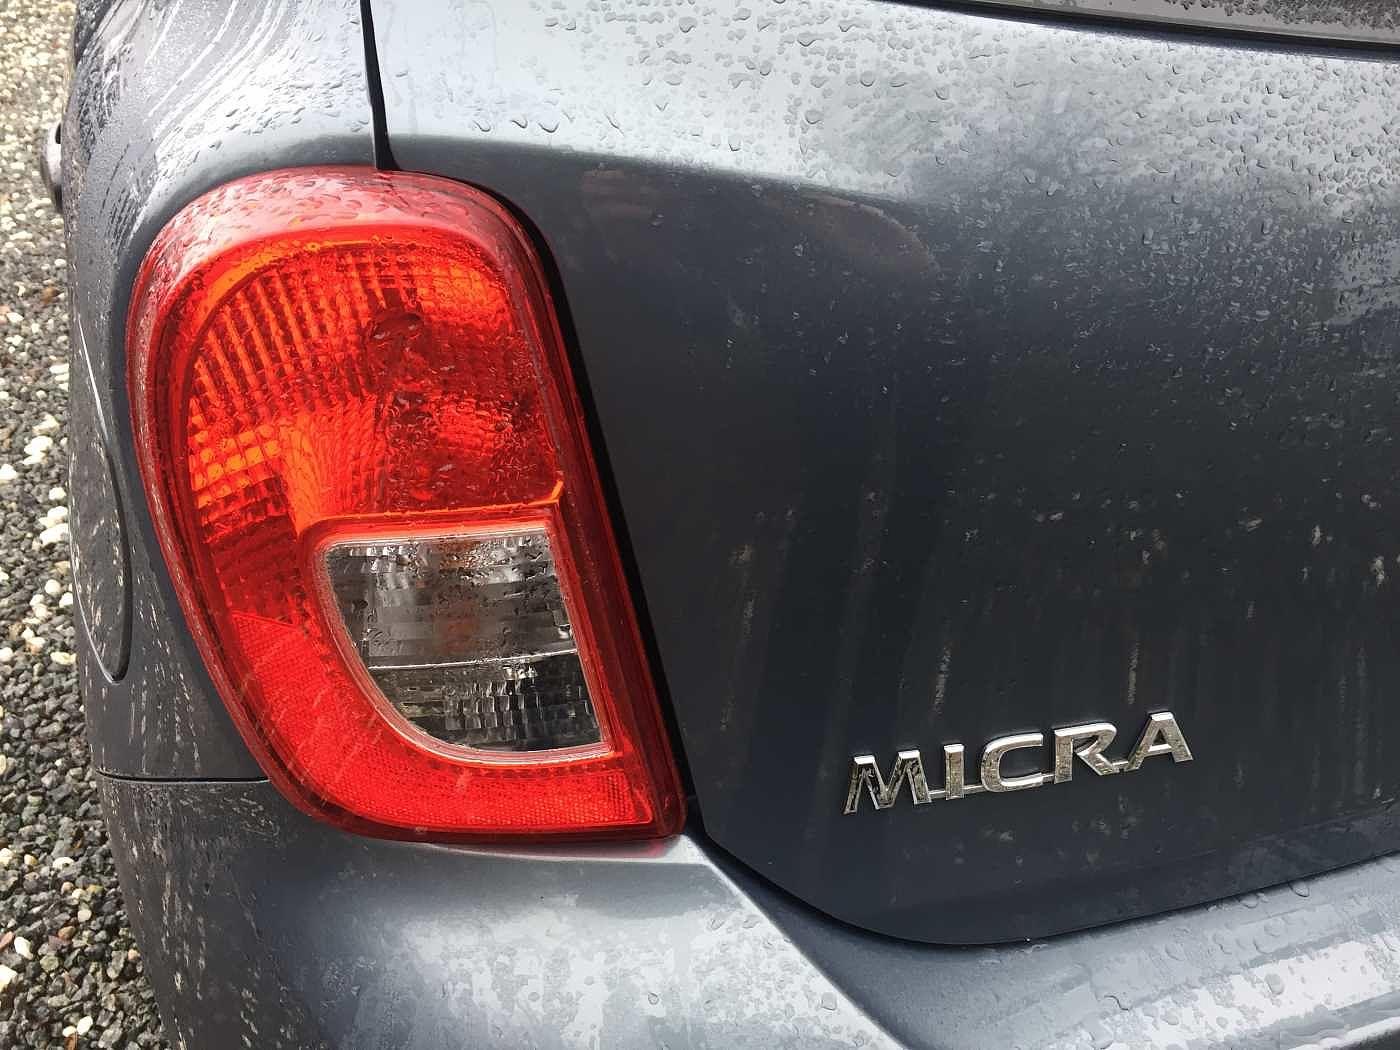 Nissan Micra 1.2 Visia 5-Door Hatchback